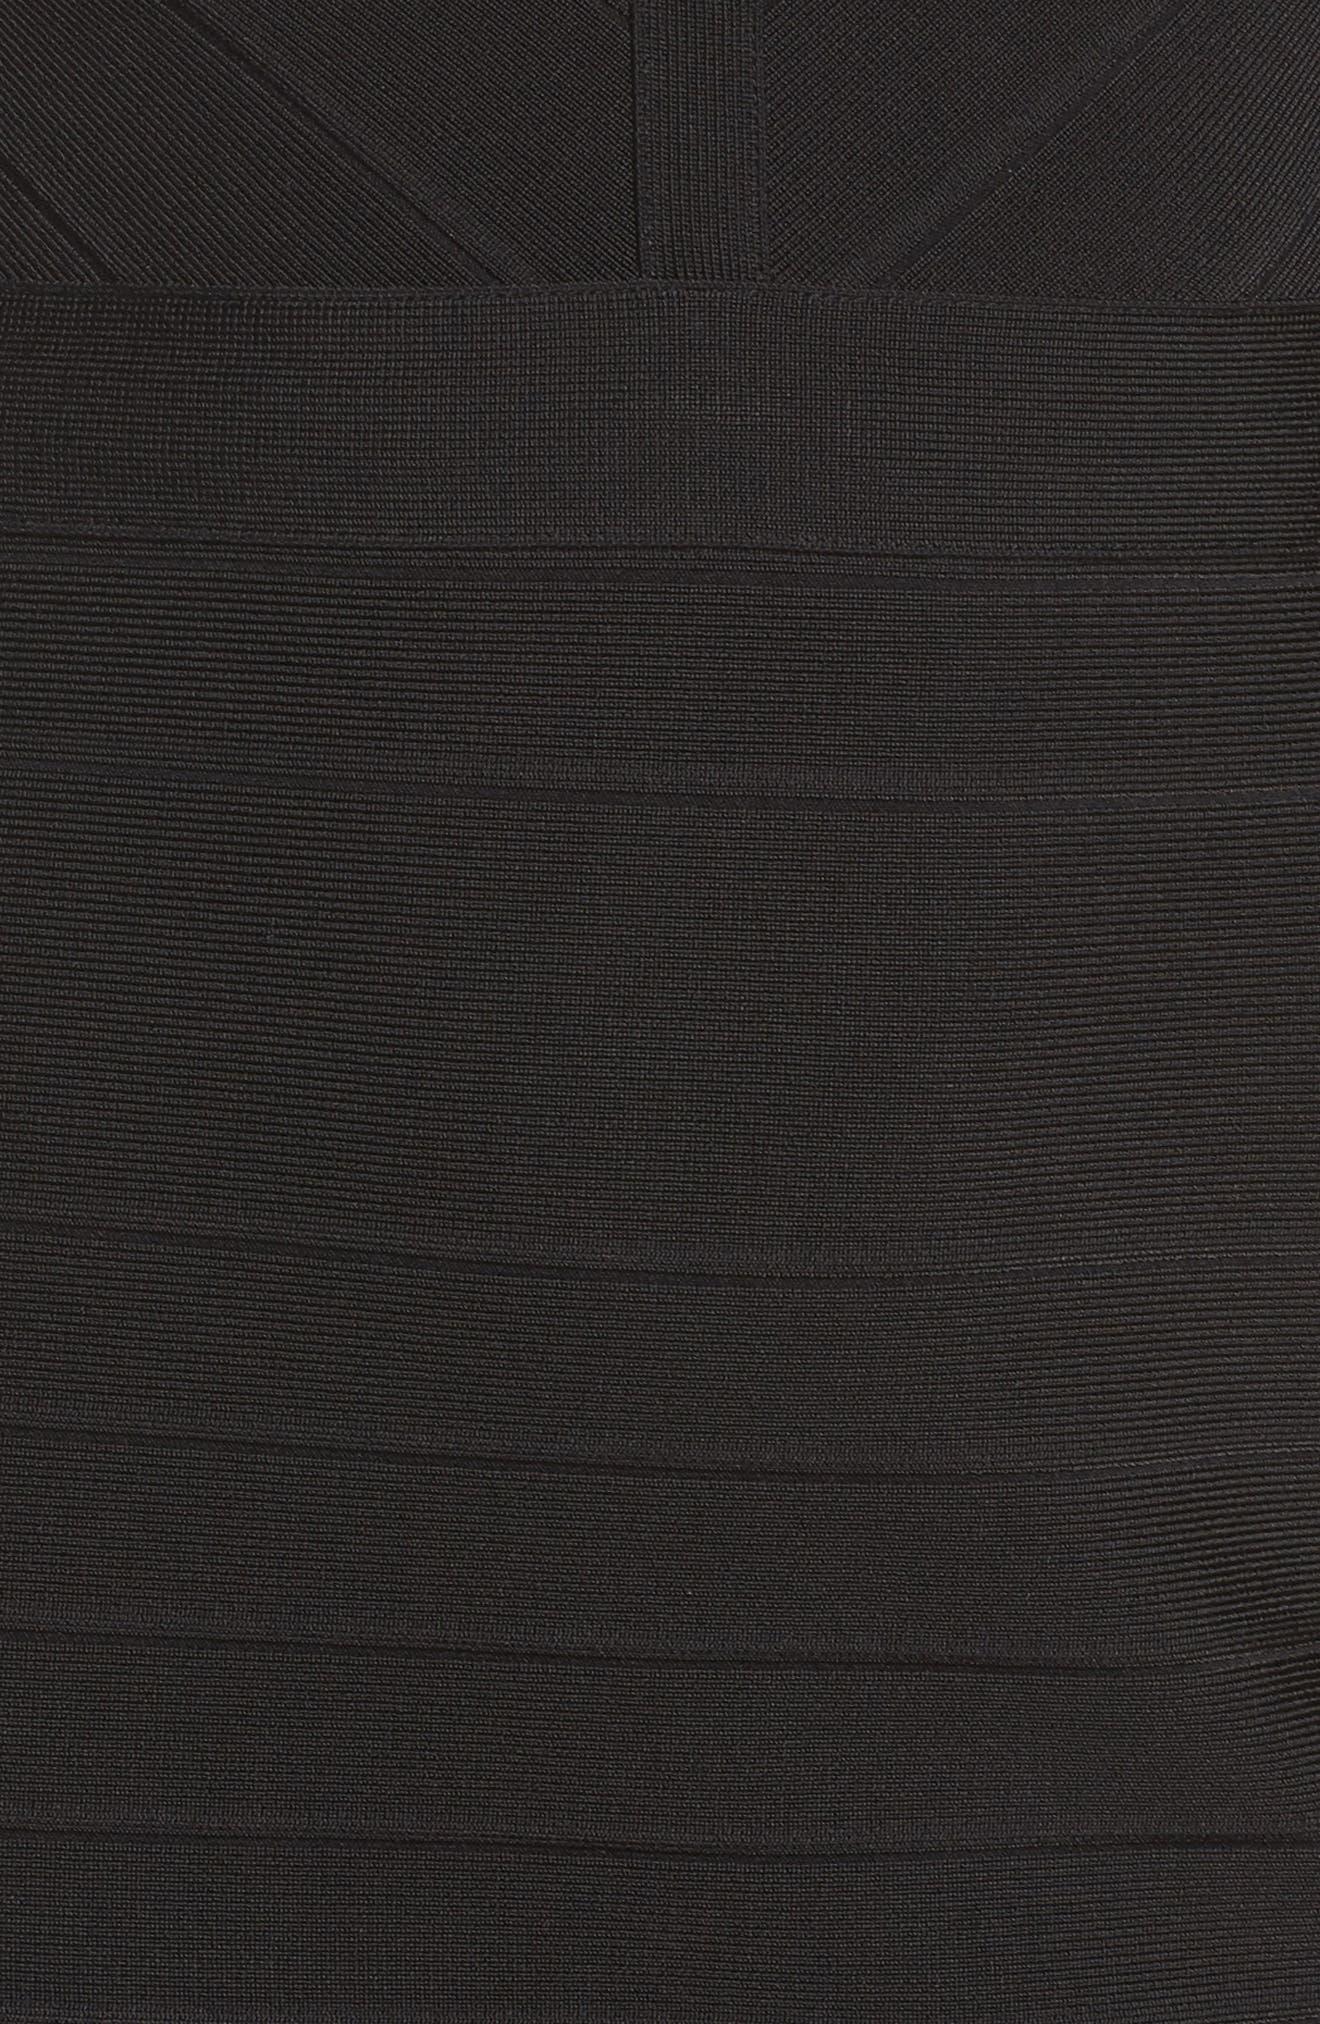 Bandage Midi Dress,                             Alternate thumbnail 6, color,                             001